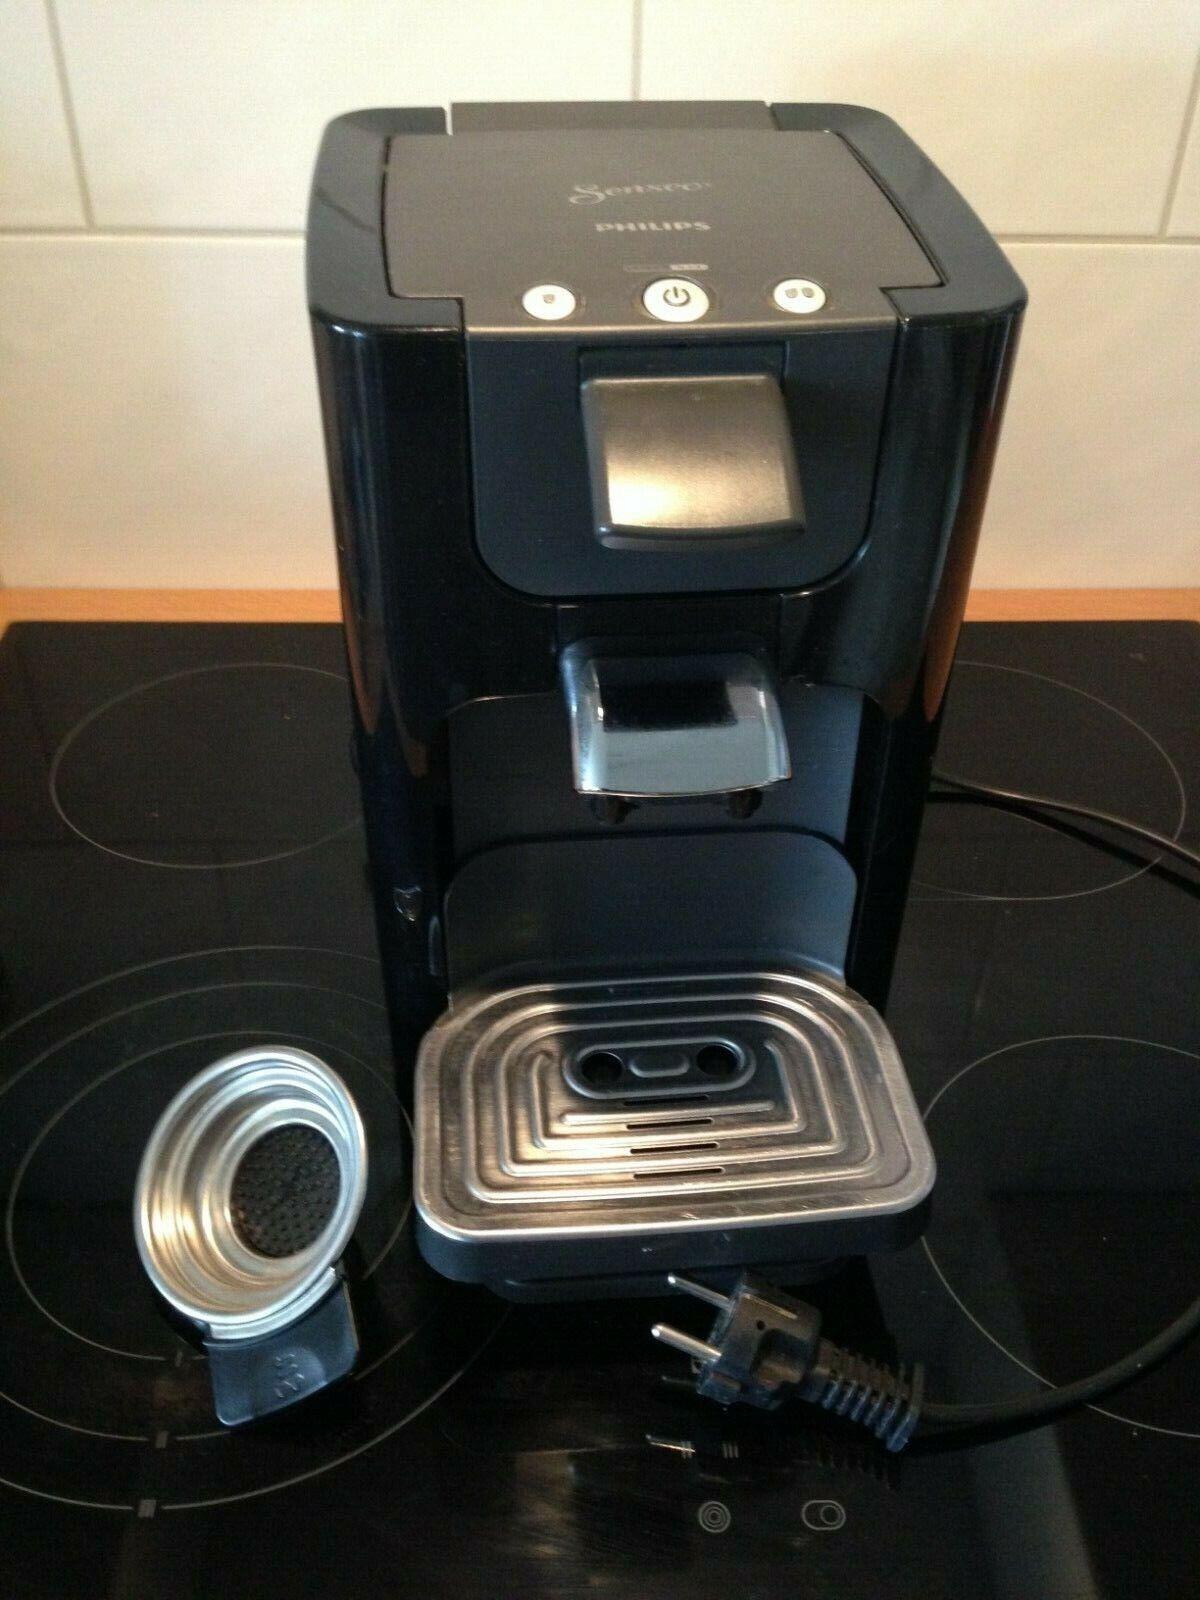 Philips Senseo Kaffeemaschinen Zubehör Ersatzwasserbehälter Xlwassertank Wasse